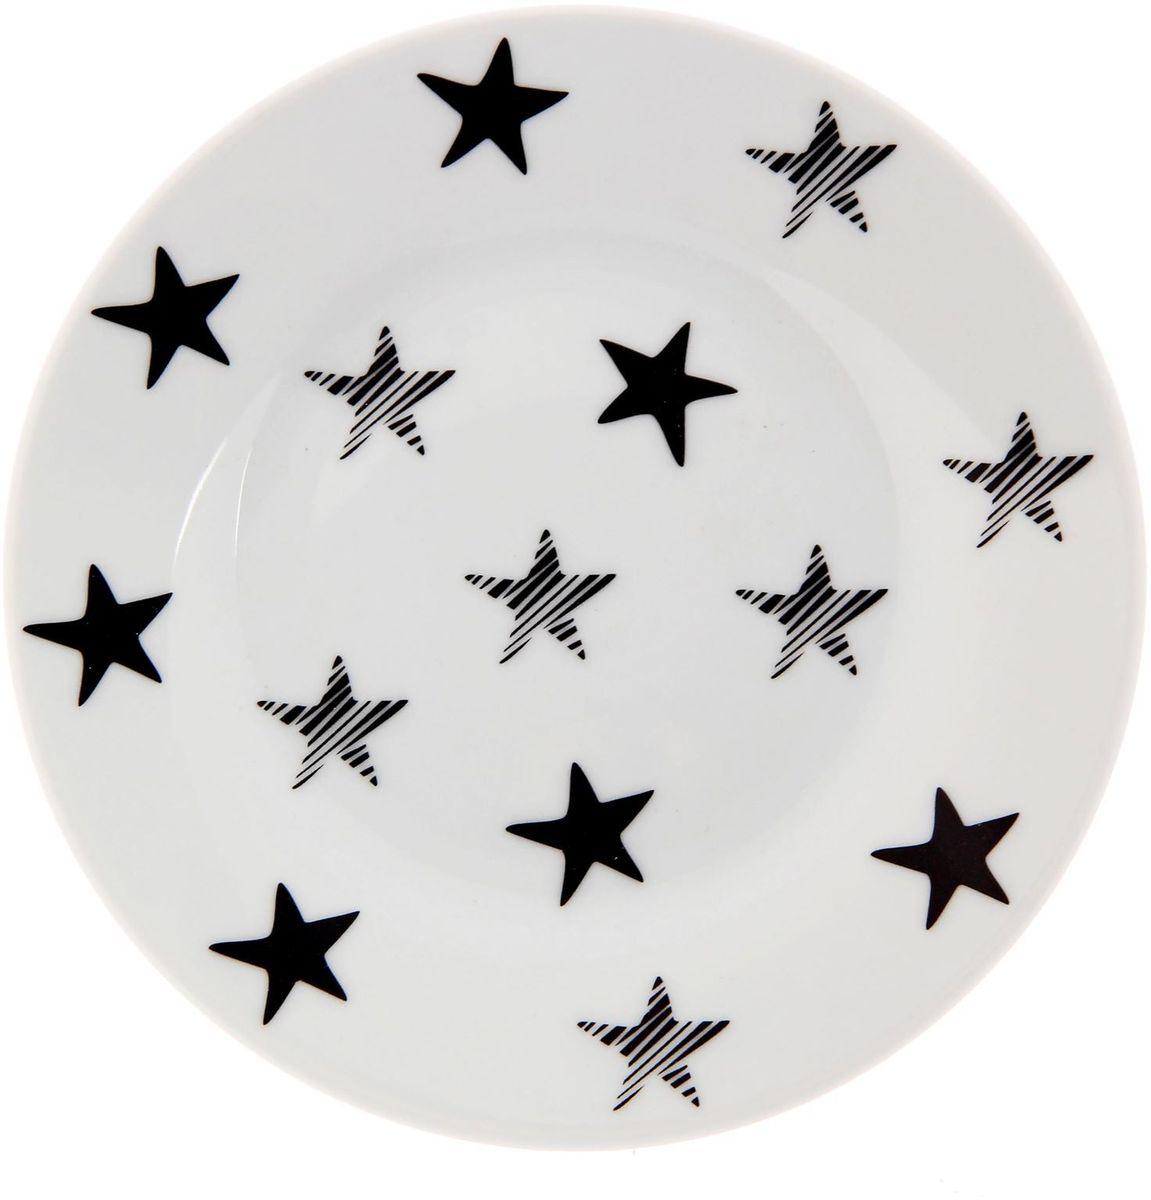 Тарелка мелкая Сотвори чудо My Little Star, диаметр 15,5 см2277852Хотите обновить интерьер кухни или гостиной? Устраиваете необычную фотосессию или тематический праздник? А может, просто ищете подарок для близкого человека? Посуда Сотвори Чудо — правильный выбор в любой ситуации. Тарелка Сотвори Чудо, изготовленная из изящного фаянса нежного сливочного цвета, оформлена оригинальным рисунком со стойкой краской. Пригодна для посудомоечной машины.